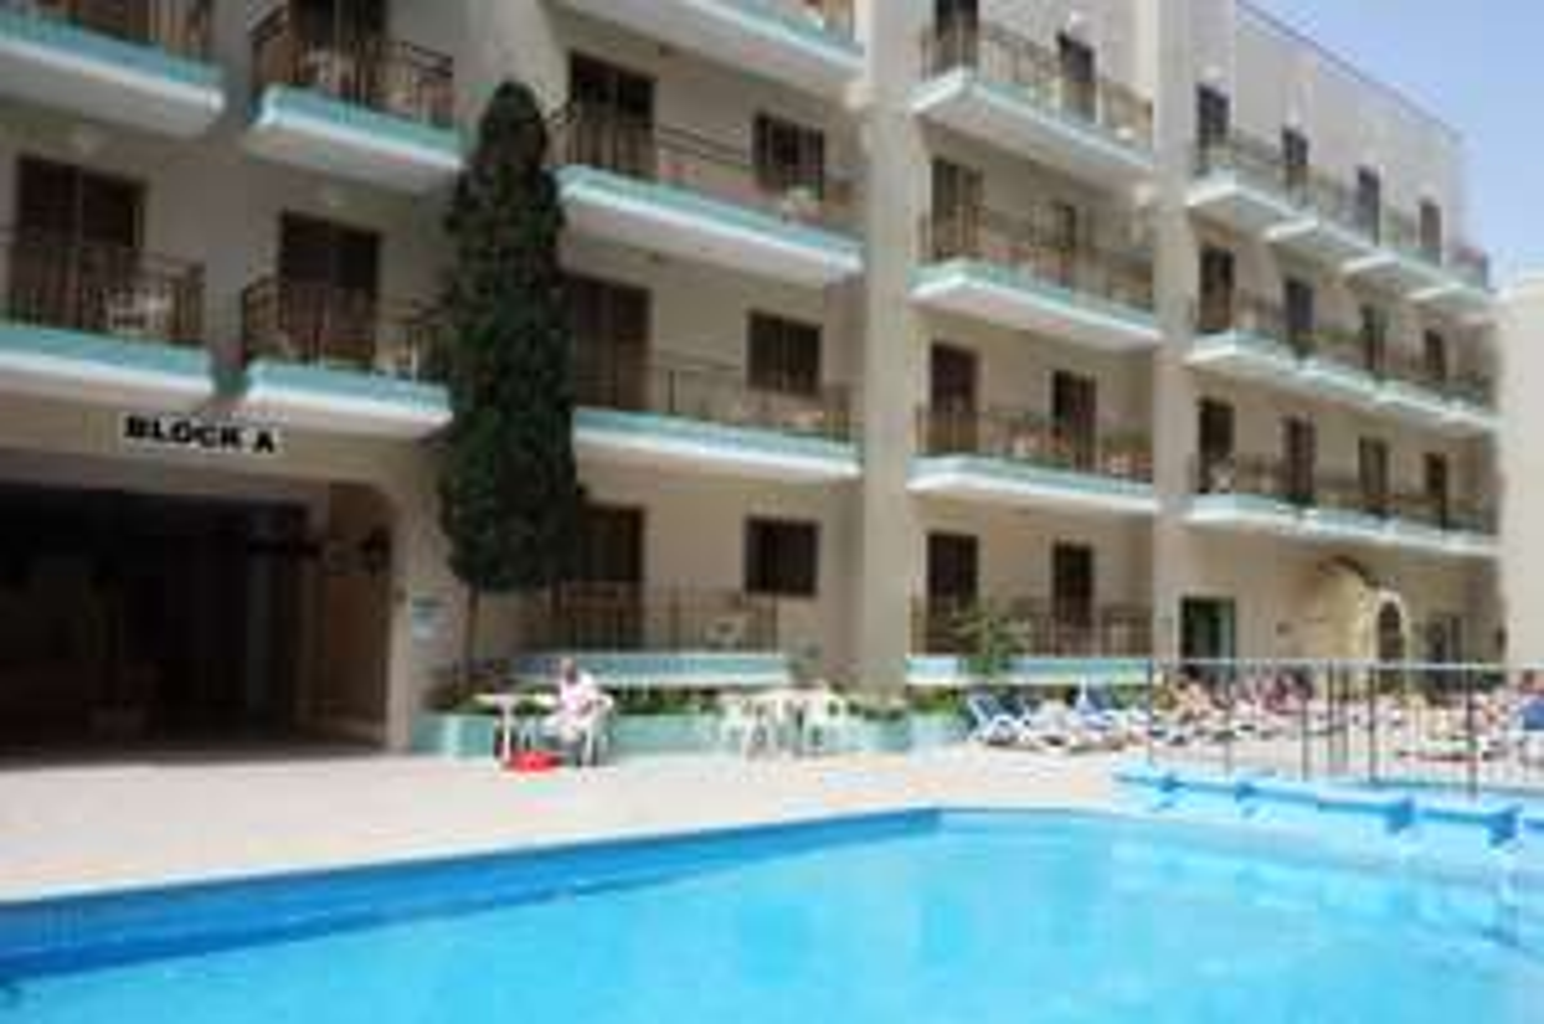 Lot z biurem Podrózy na Maltę z Krakowa w tym Hotel na 7 dni